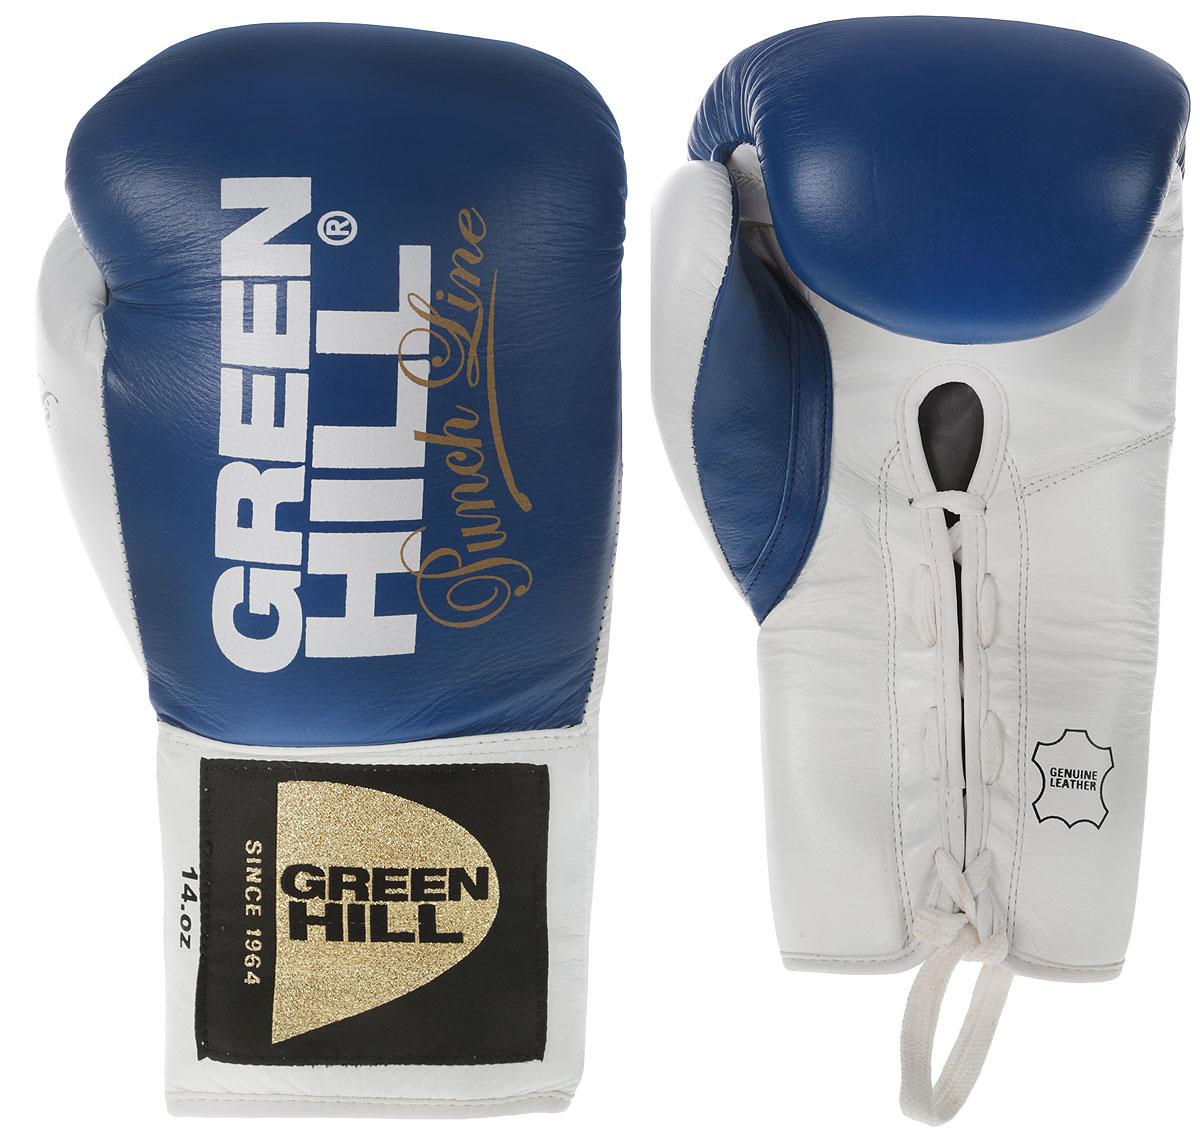 Перчатки боксерские Green Hill Proffi, цвет: синий, белый. Вес 14 унцийBGP-2014BБоксерские перчатки Green Hill Proffi предназначены для профессиональных поединков. Выполнены из натуральной коровьей кожи с наполнителем из многослойной полимерной структуры ручной работы для обеспечения оптимального поглощения силы удара. Яркий, но в то же время сдержанный и стильный дизайн перчаток органично вписывает их в действие профессионального боксерского события.